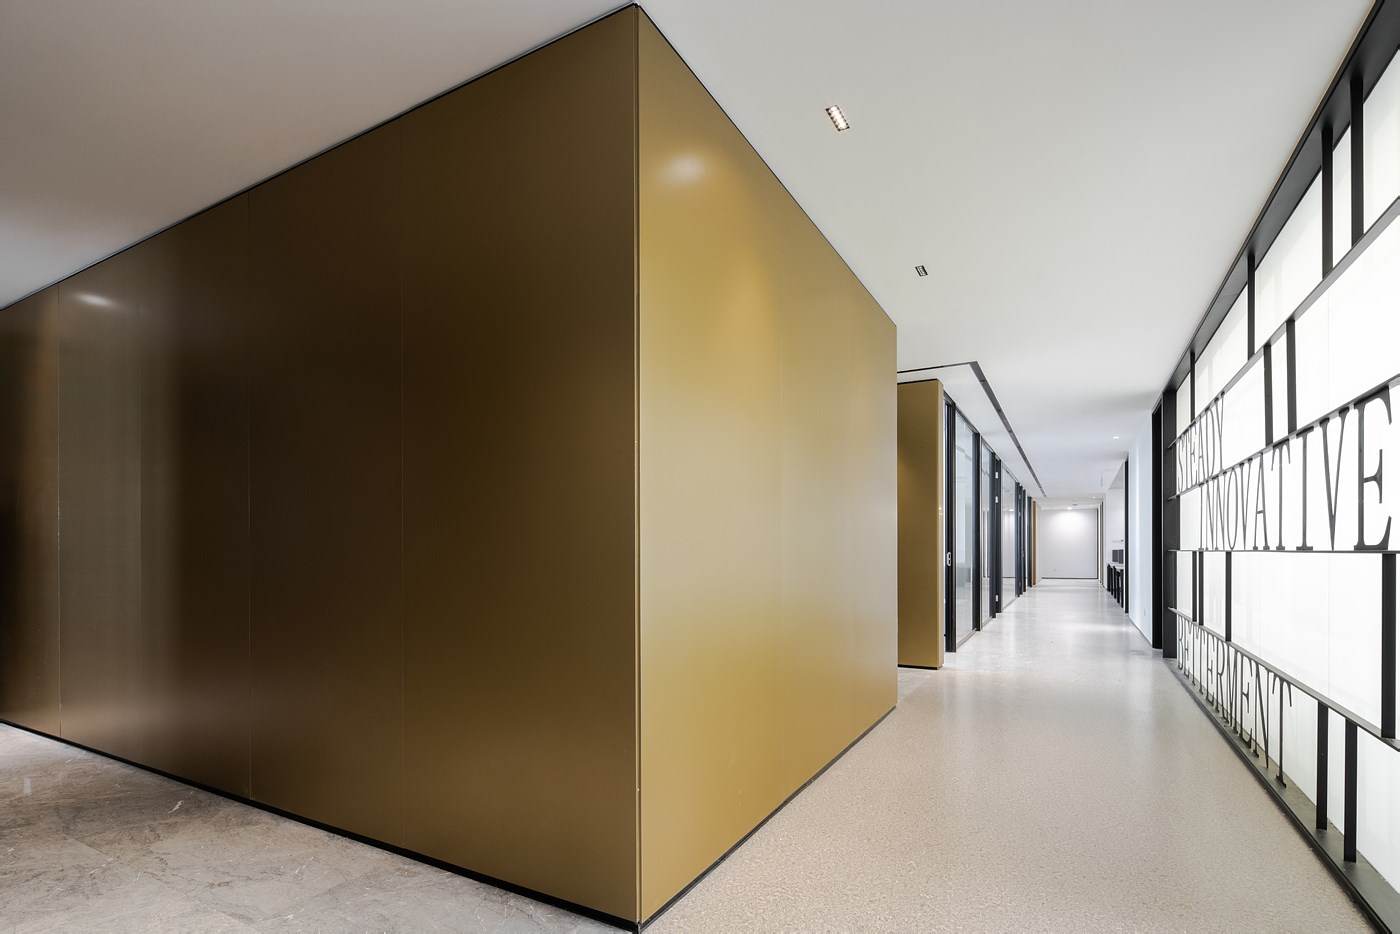 形在建筑空间摄影-48.jpg